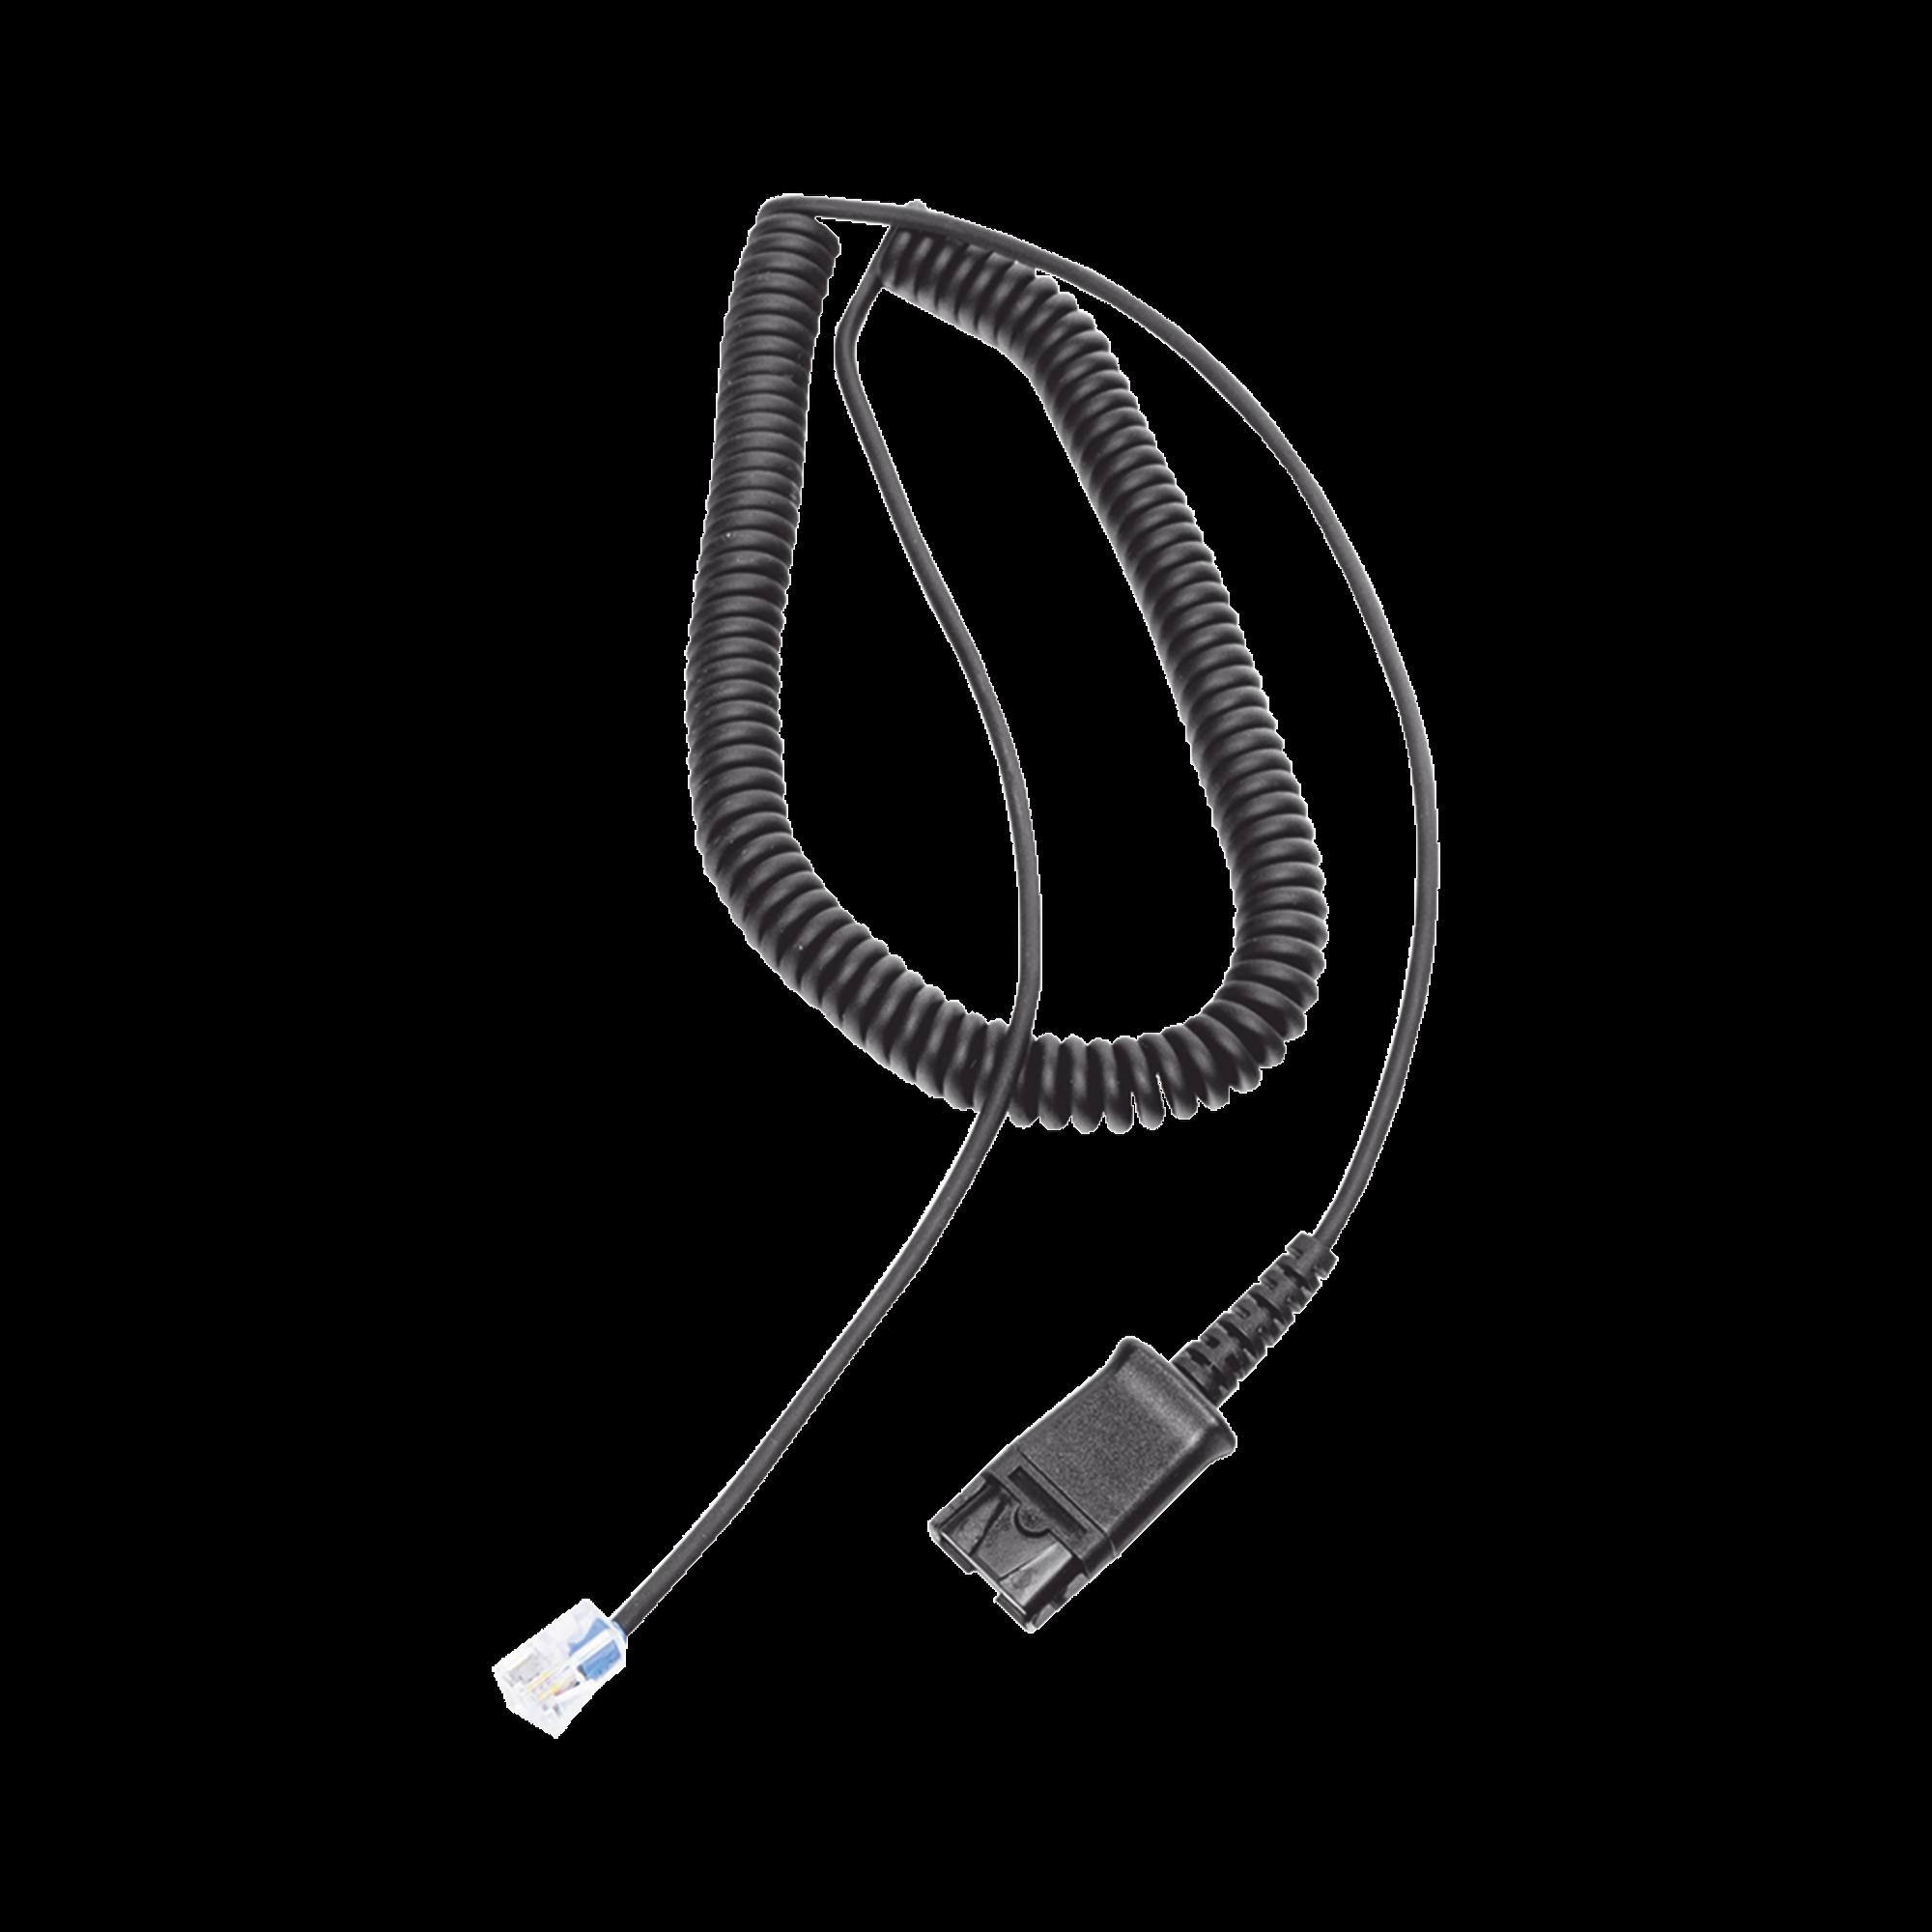 Cable adaptador para diademas modelo HT101, HT201 y HT202 para compatibilidad con teléfonos Grandstream, análogos, digitales, etc.